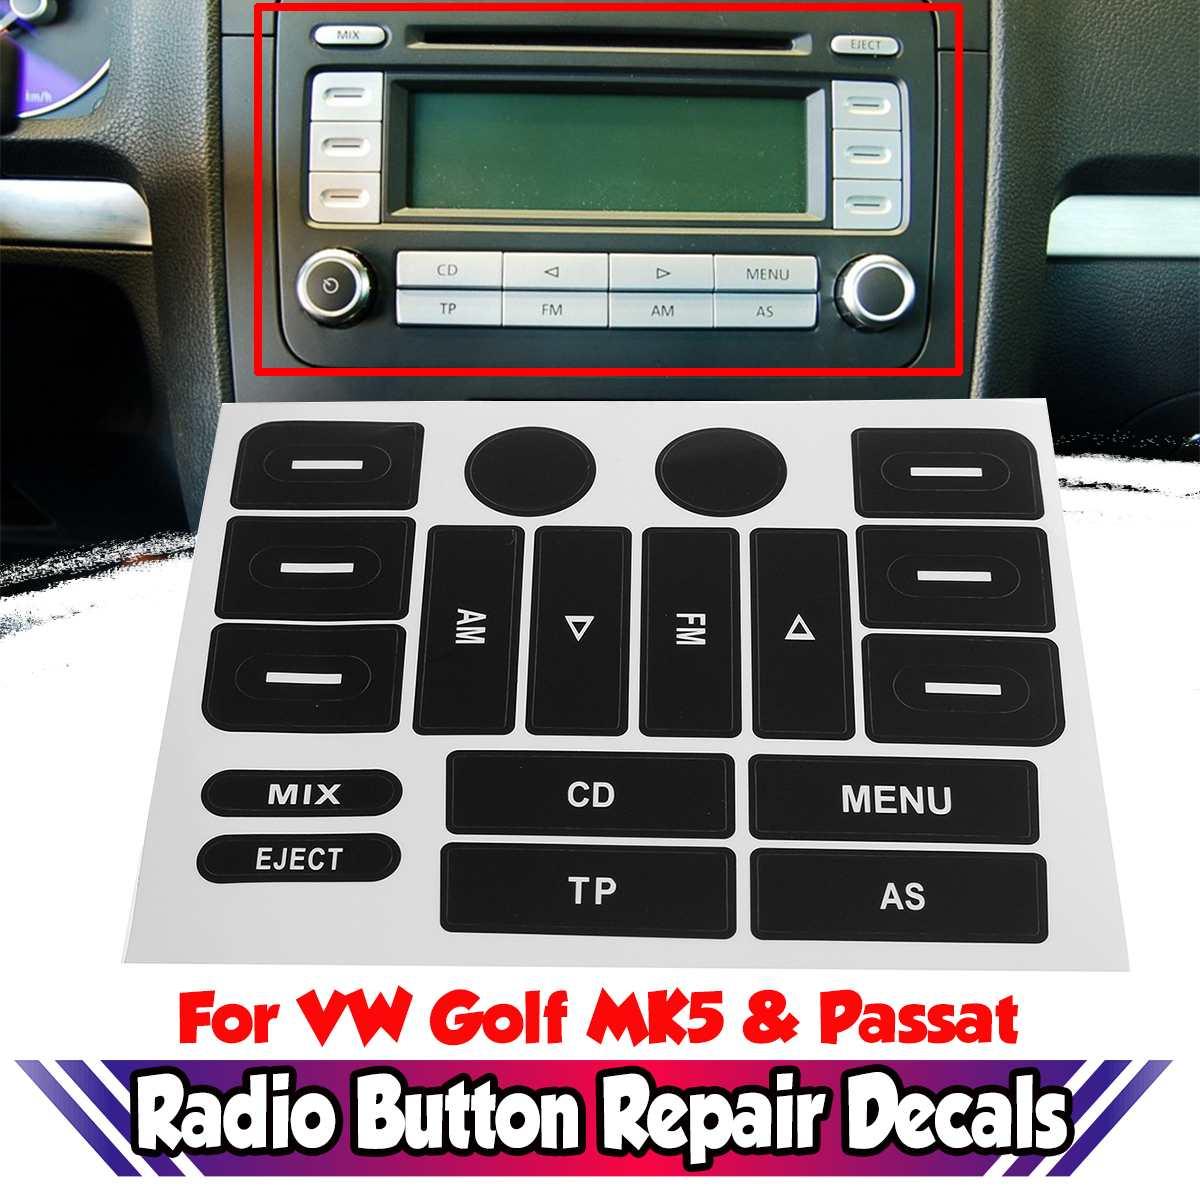 Новые наклейки для ремонта кнопки радио MK5, наклейки для ремонта автомобильных кнопок FM-радио, наклейки для ремонта, новые наклейки для VW для...